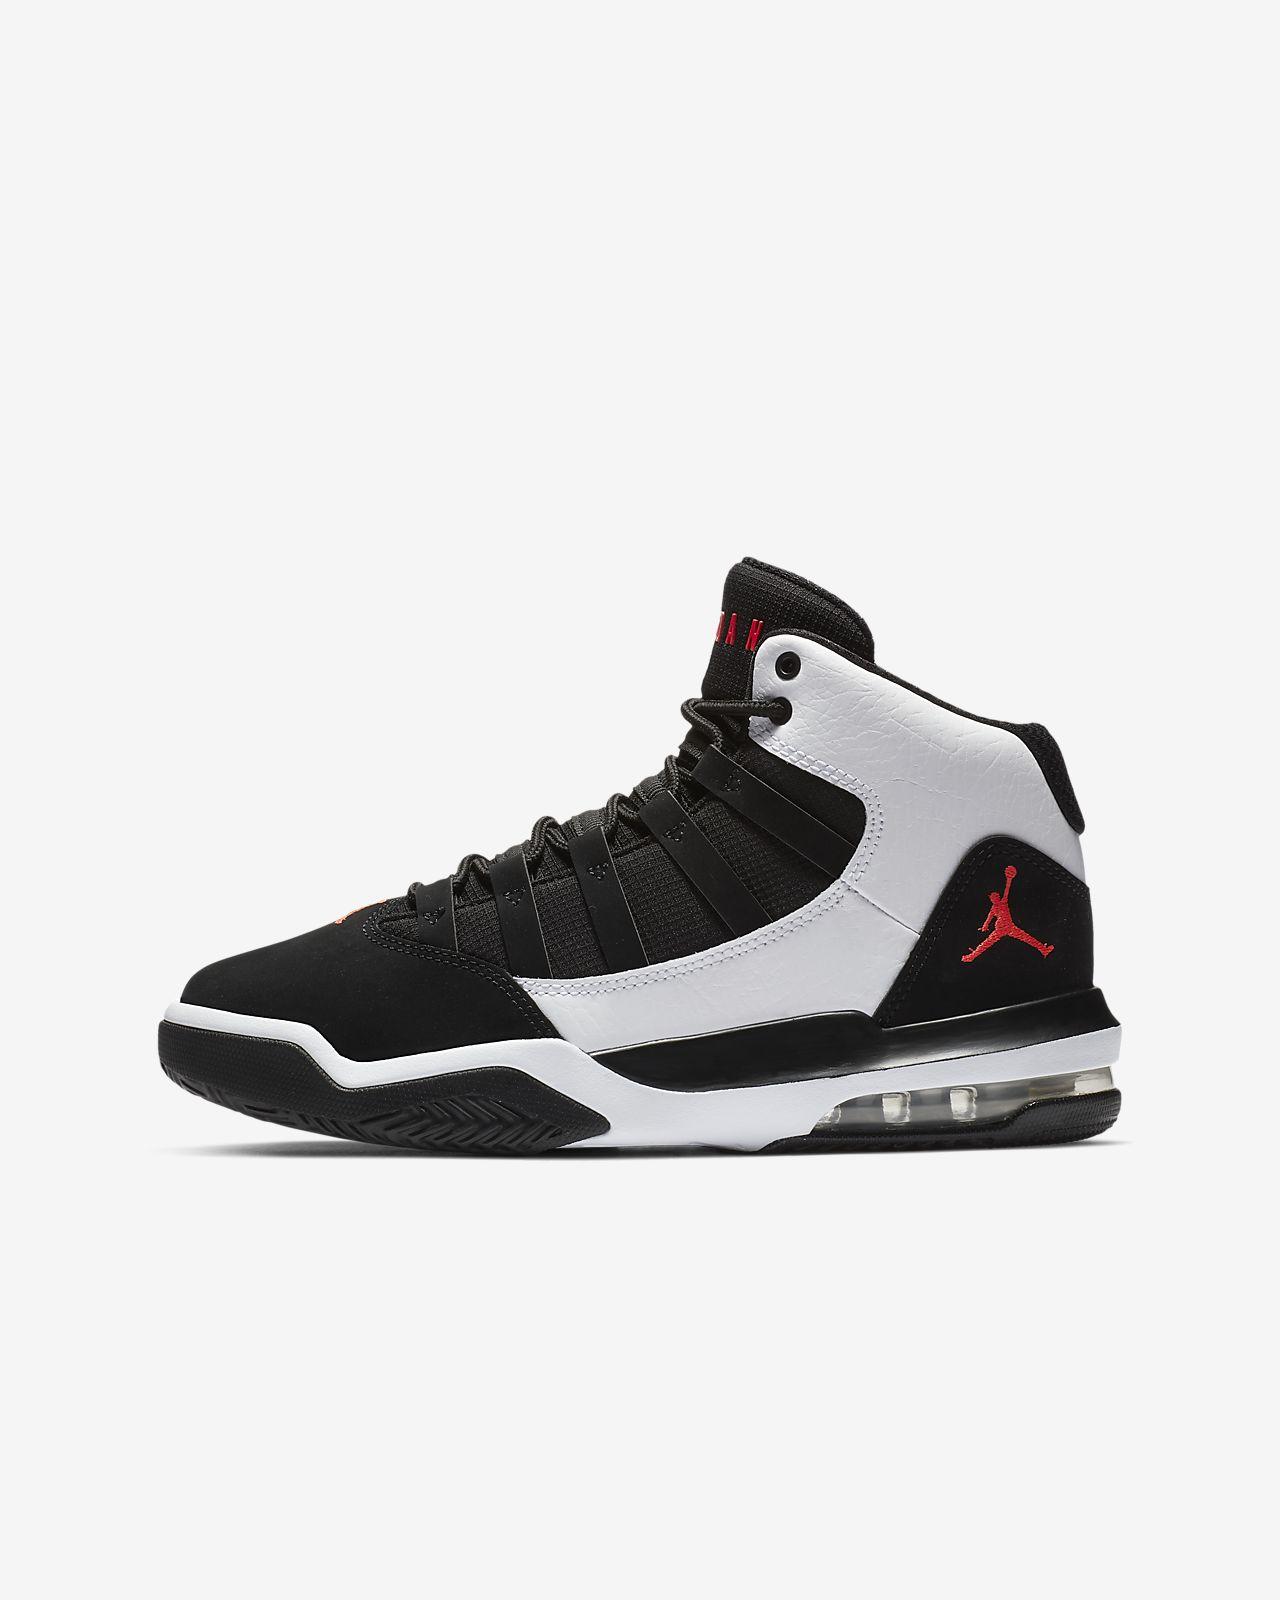 Παπούτσι Jordan Max Aura για μεγάλα παιδιά. Nike.com GR 03213d6ba1f